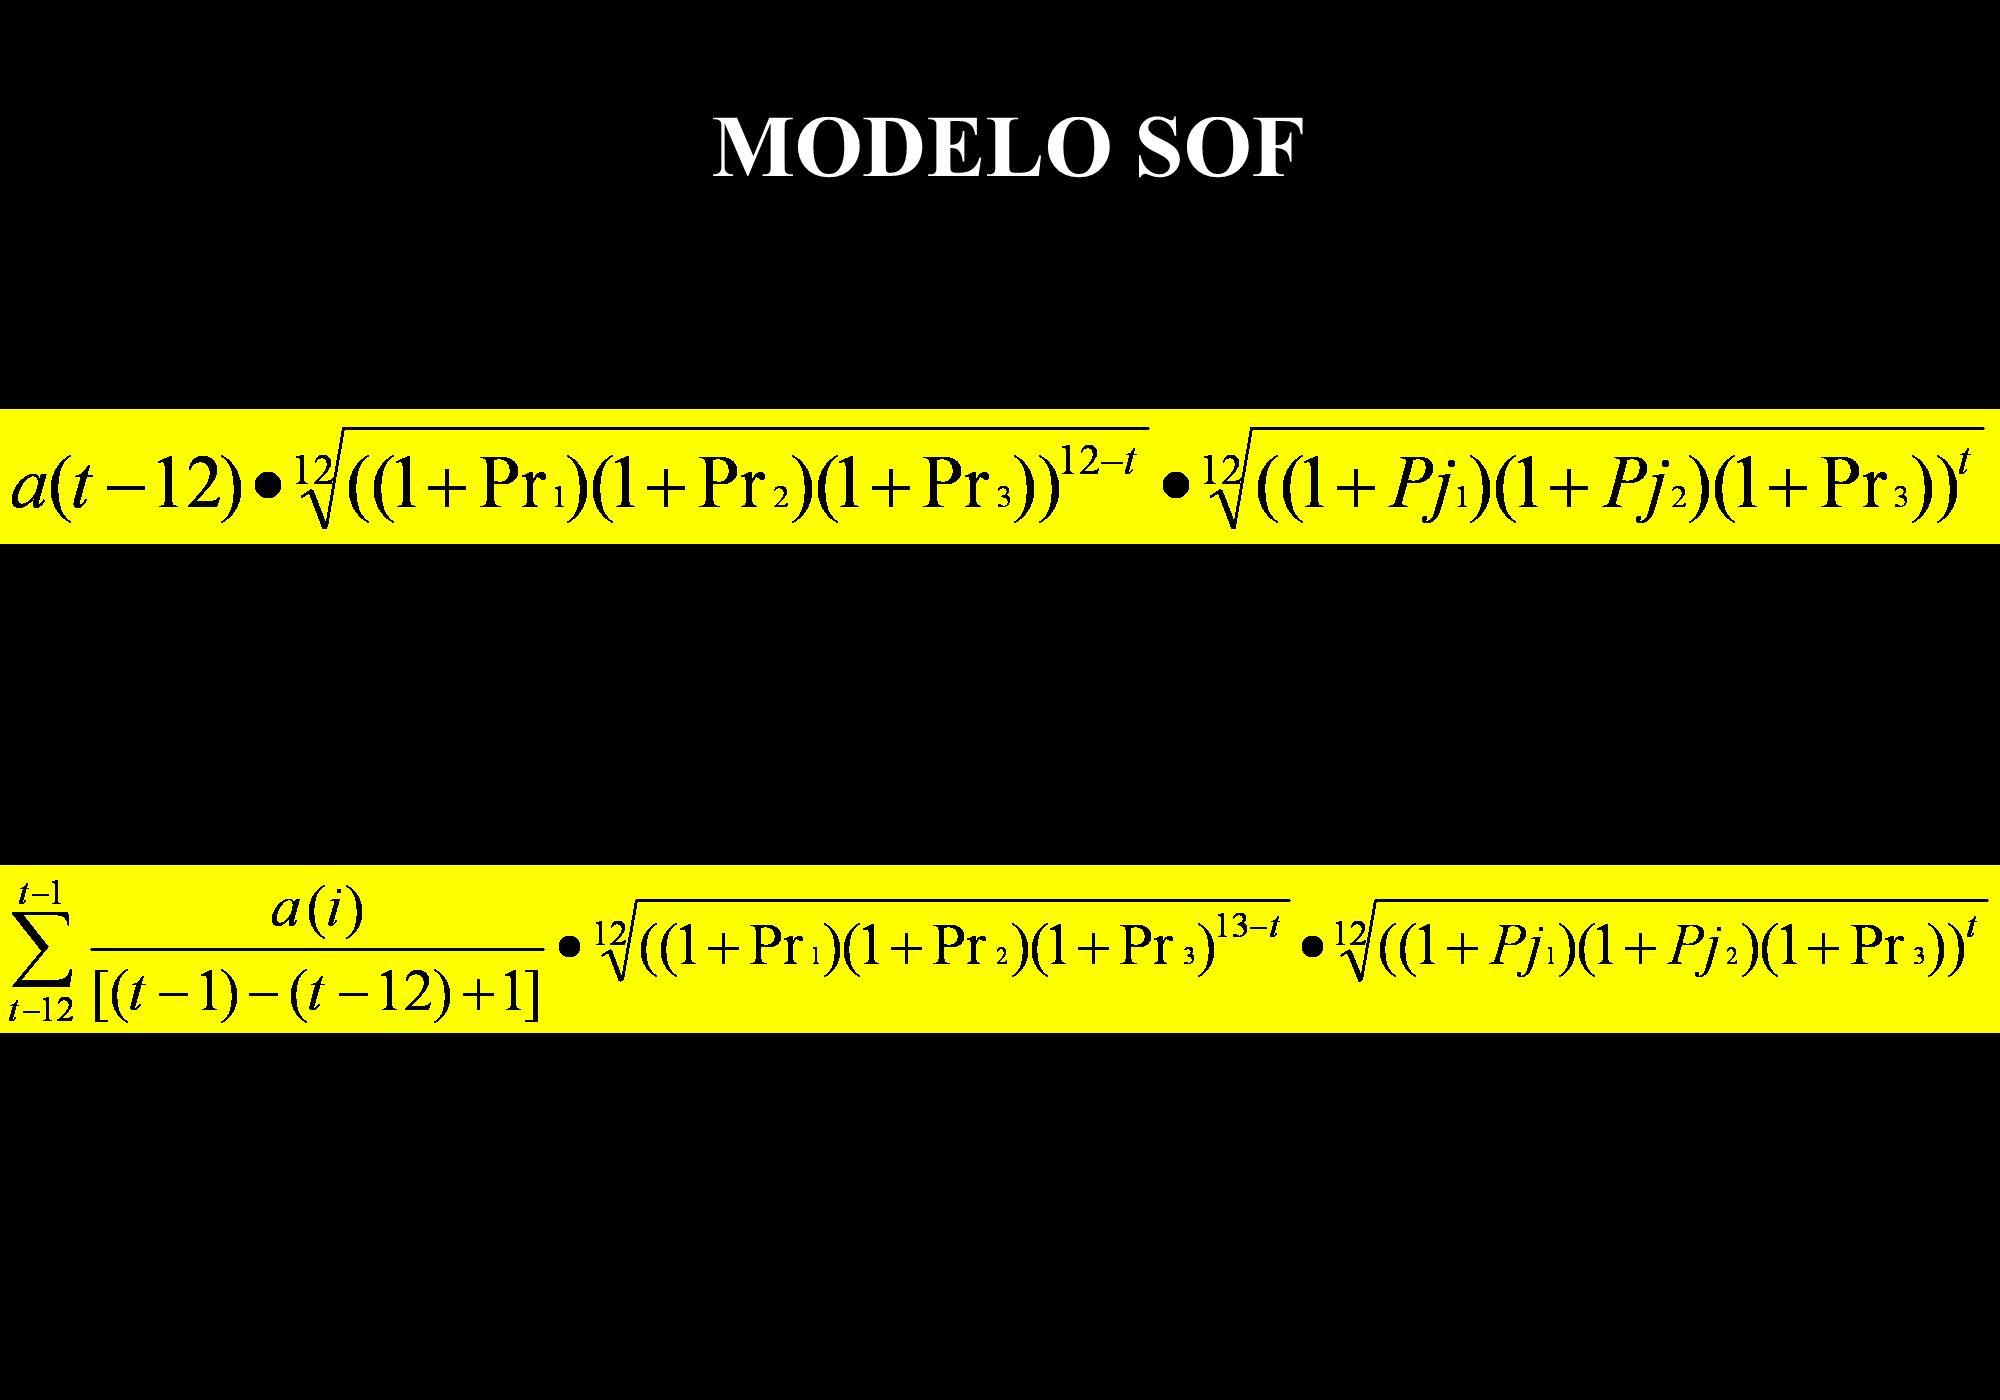 MODELO SOF